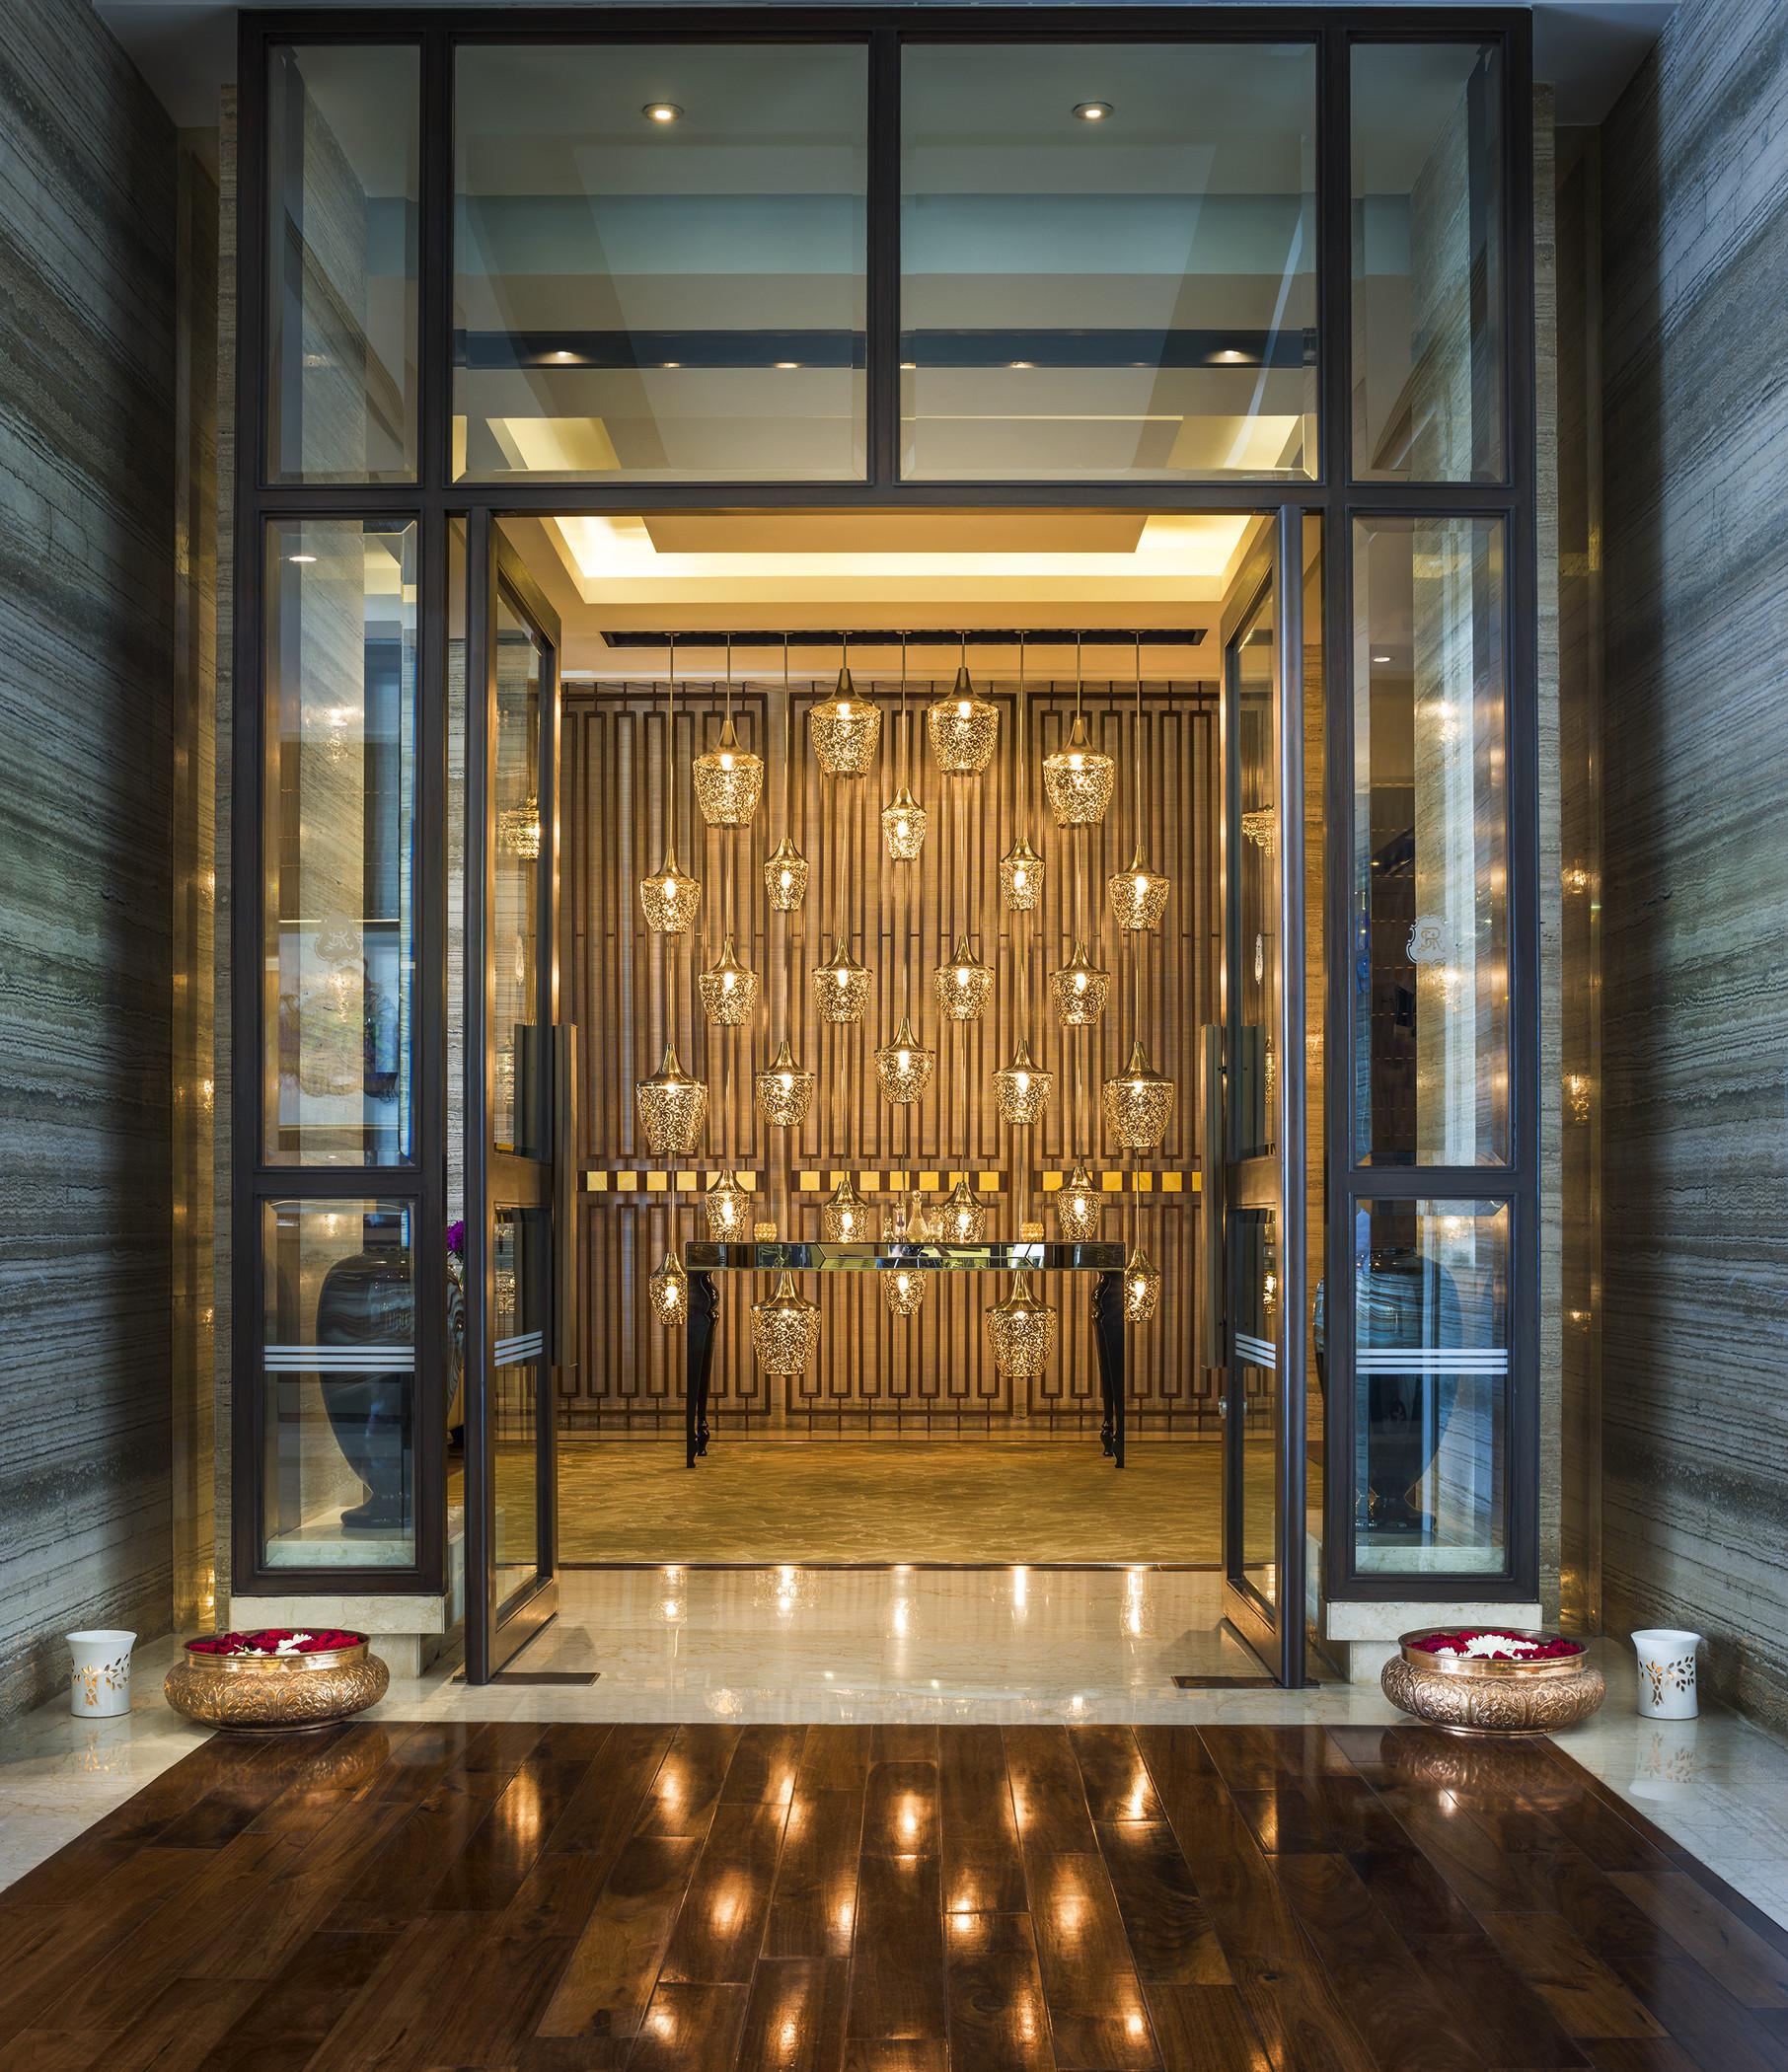 Entrance to the Iridium spa, St. Regis Mumbai